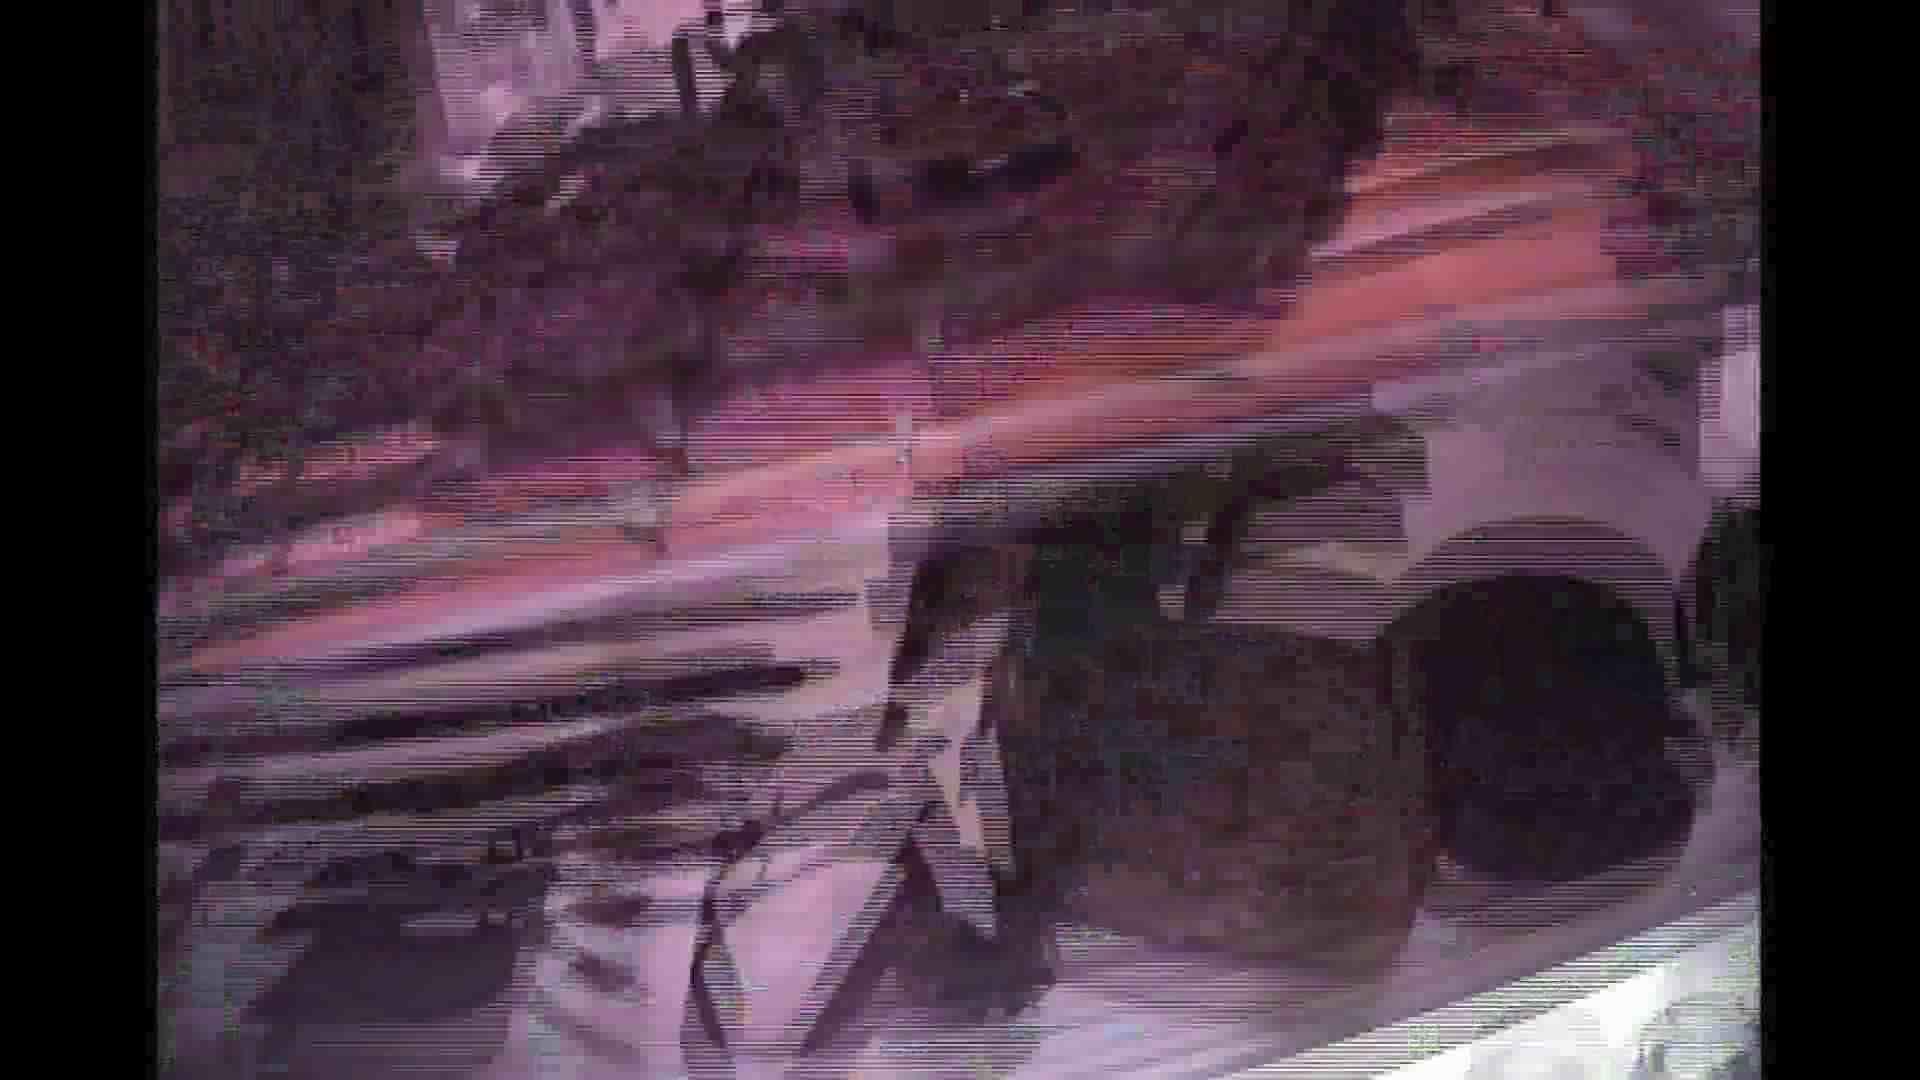 働く美女の谷間参拝 Vol.14 美女 盗撮戯れ無修正画像 65pic 34